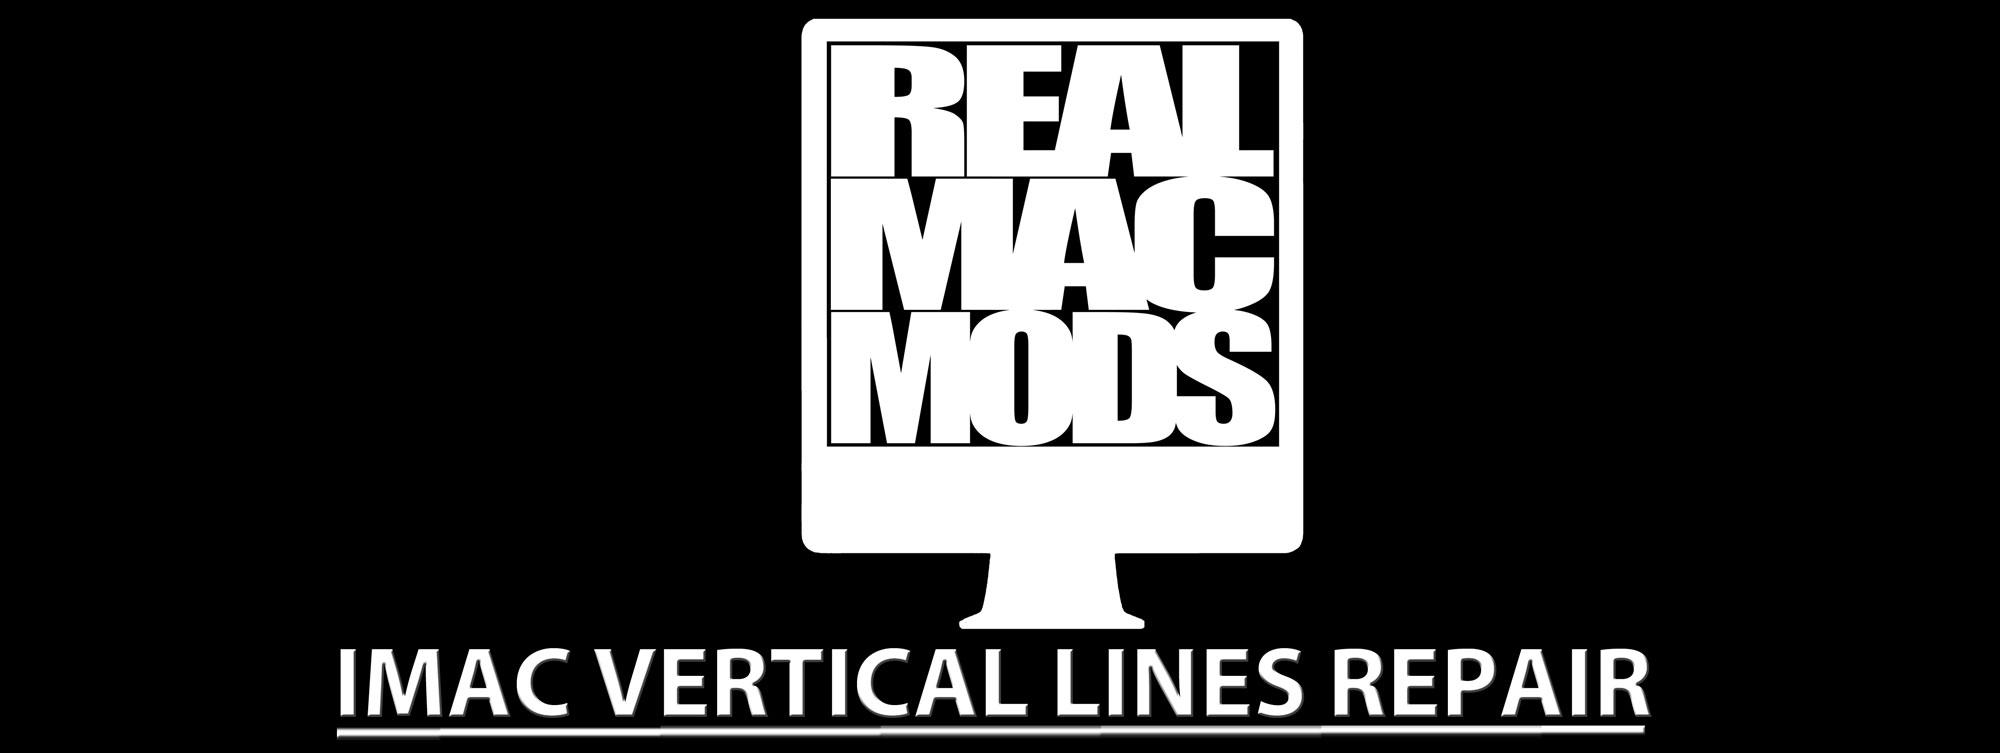 Macbook 2011 Radeon GPU Disable - Real Radeongate Solution